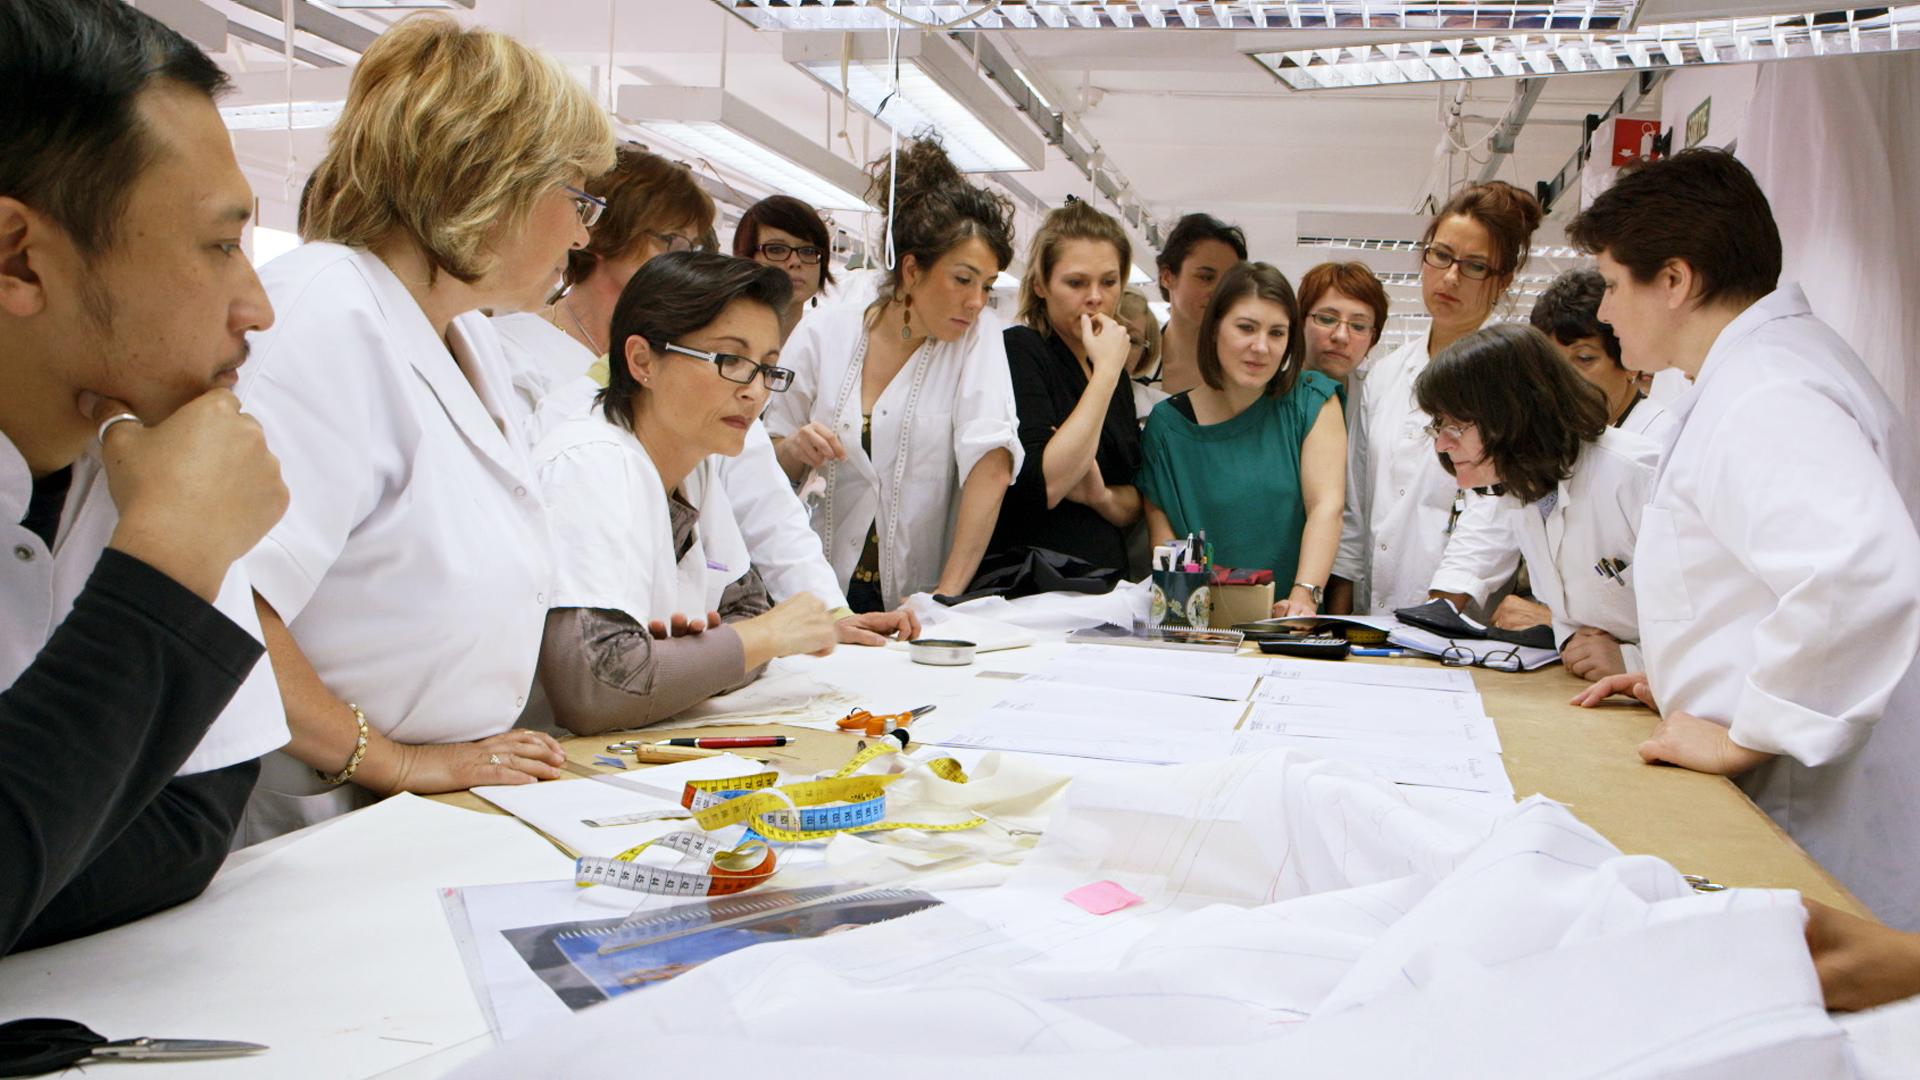 Dior and I: lo staff della maison di Christian Dior a lavoro in una scena del documentario